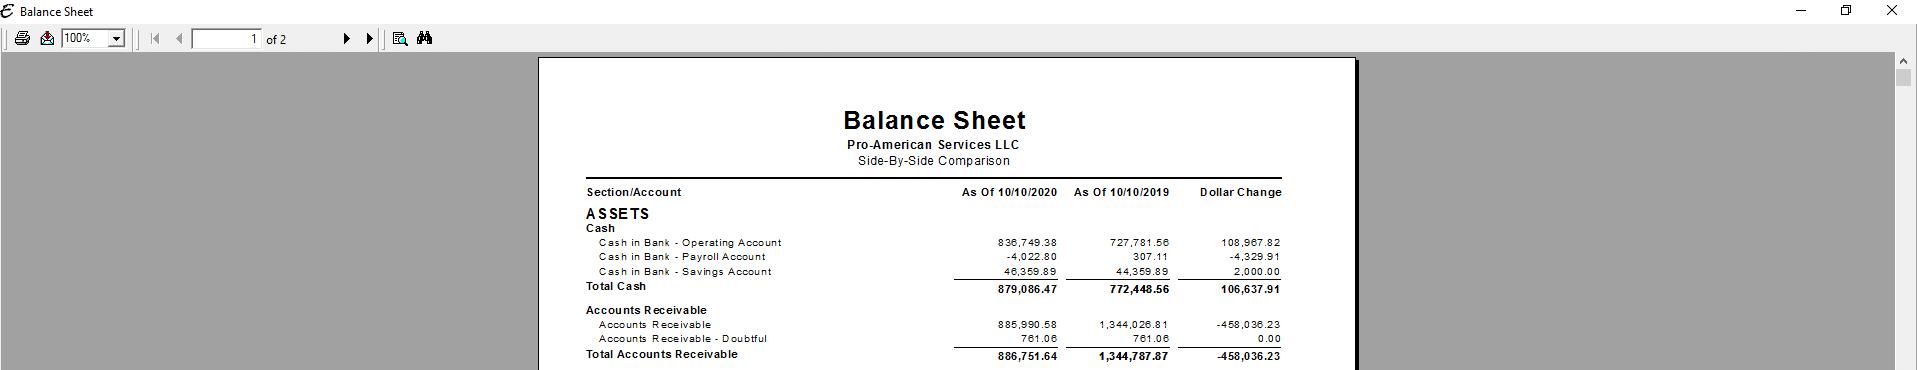 Balance Sheet - Dollar Comparison PDF